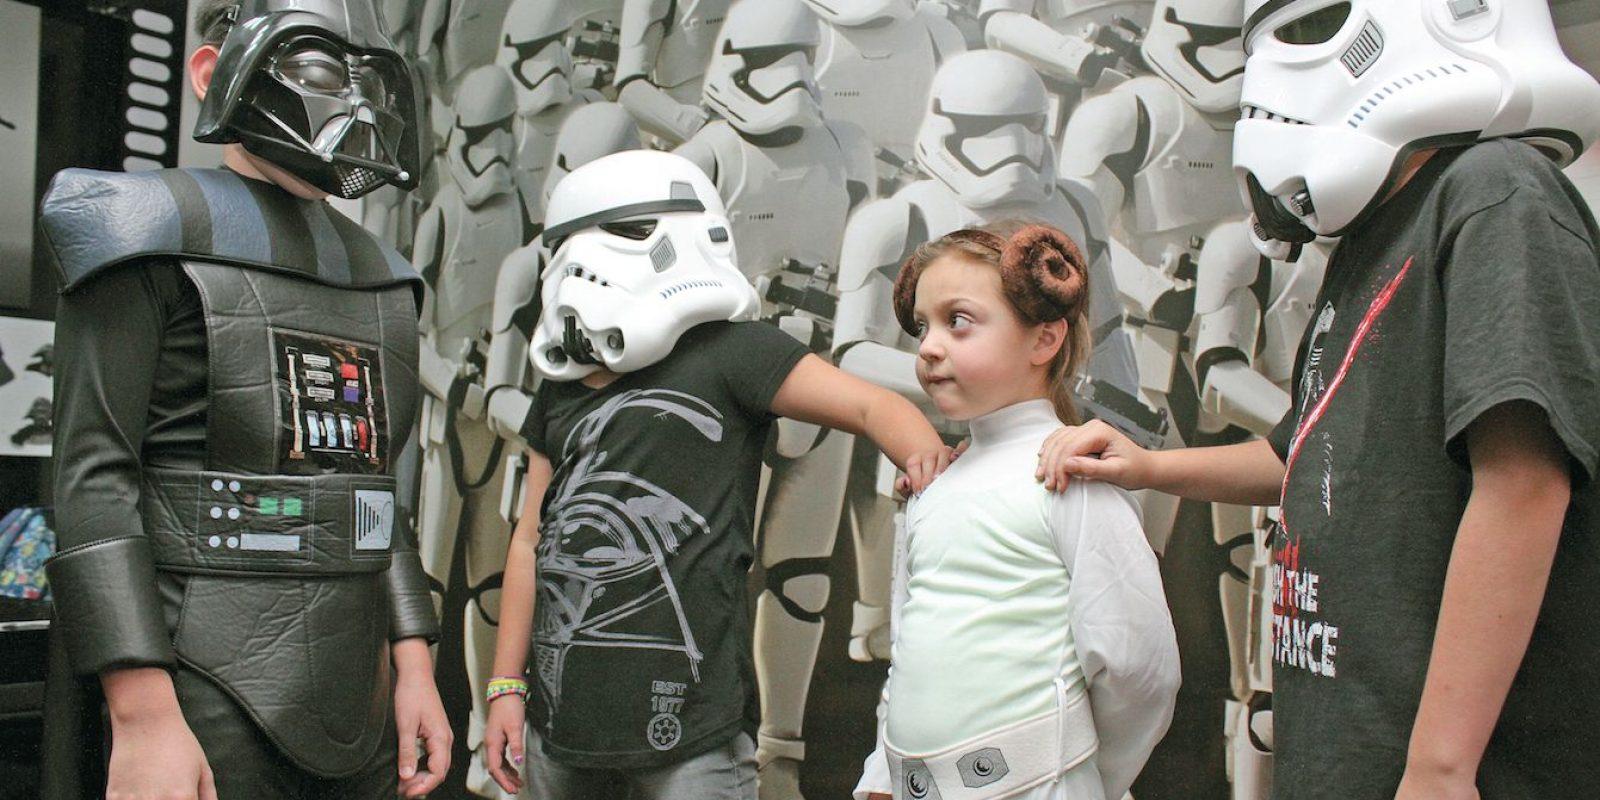 Ya sea que sean fans de los imponentes villanos del Imperio o los héroes de la rebelión, hay juguetes para todos.. Imagen Por: Nicolás Corte, Publimetro